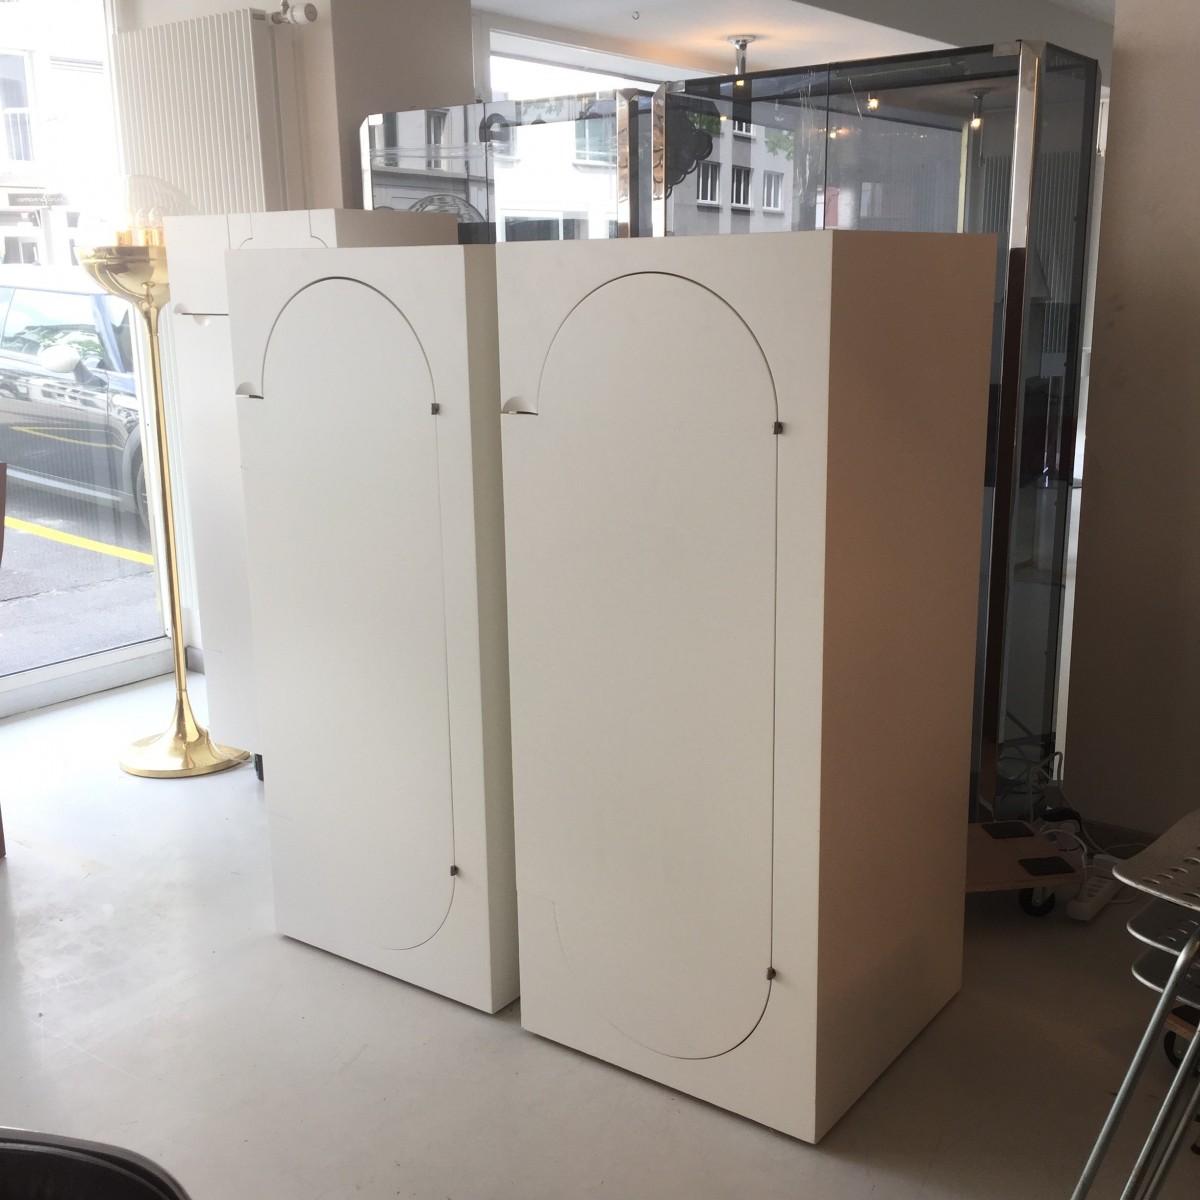 elastique vintage möbel furniture zürich schweiz – 2 x Schrank von ...